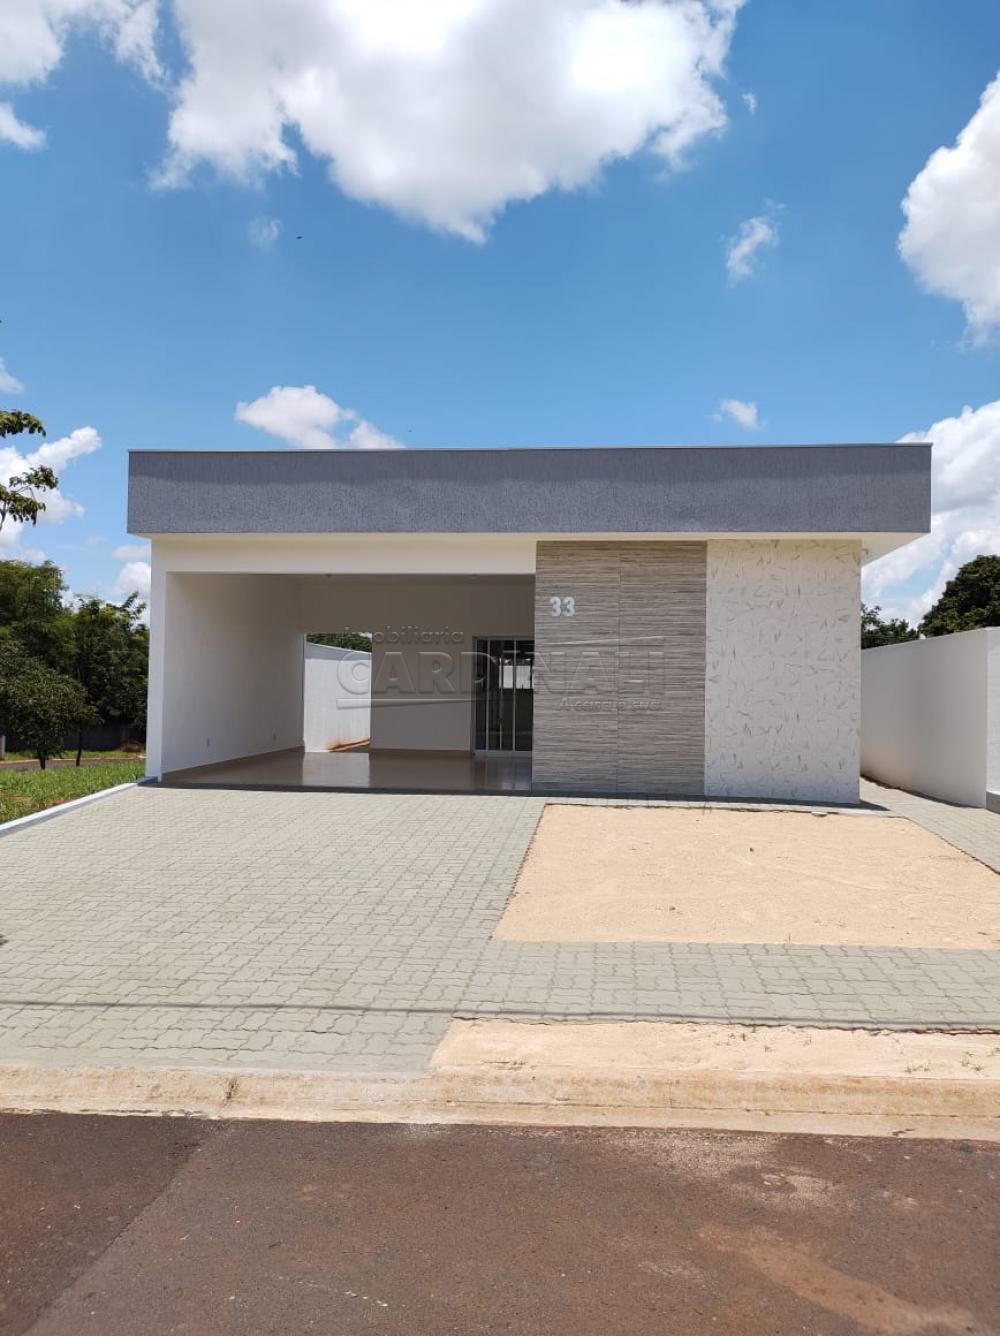 Comprar Casa / Condomínio em Araraquara R$ 480.000,00 - Foto 2